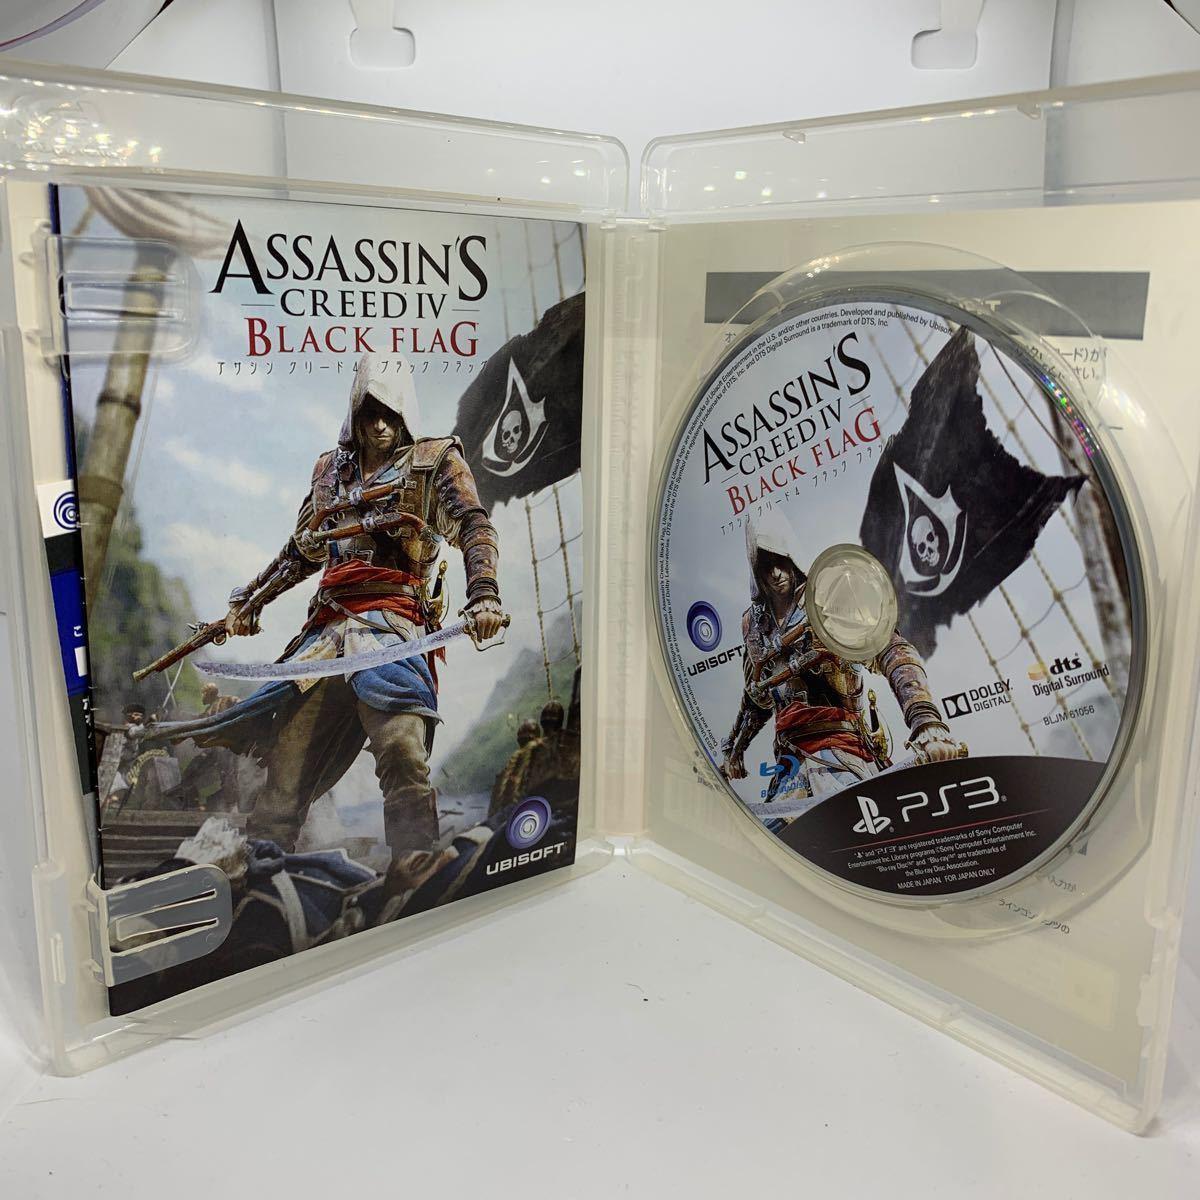 【PS3】 アサシン クリード4 ブラック フラッグ [通常版]